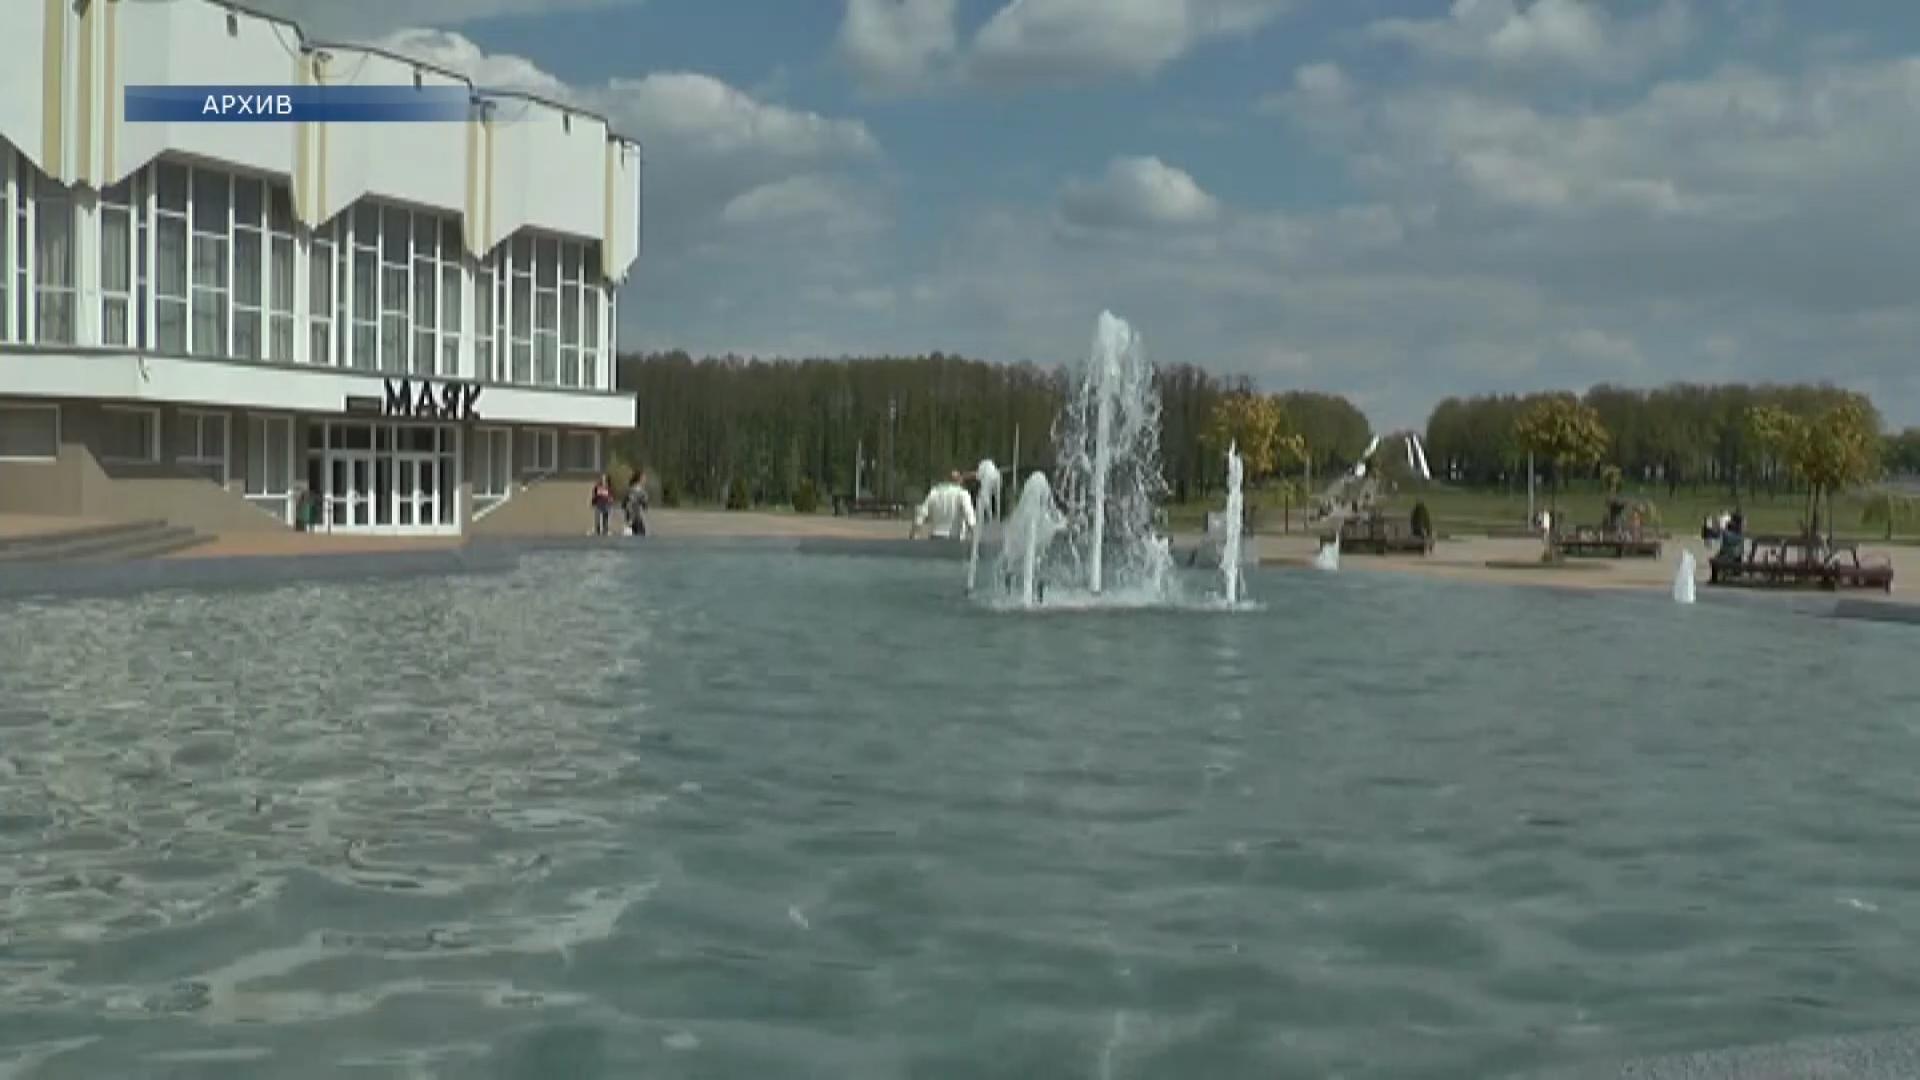 В Лиде смещен график работы фонтанов.